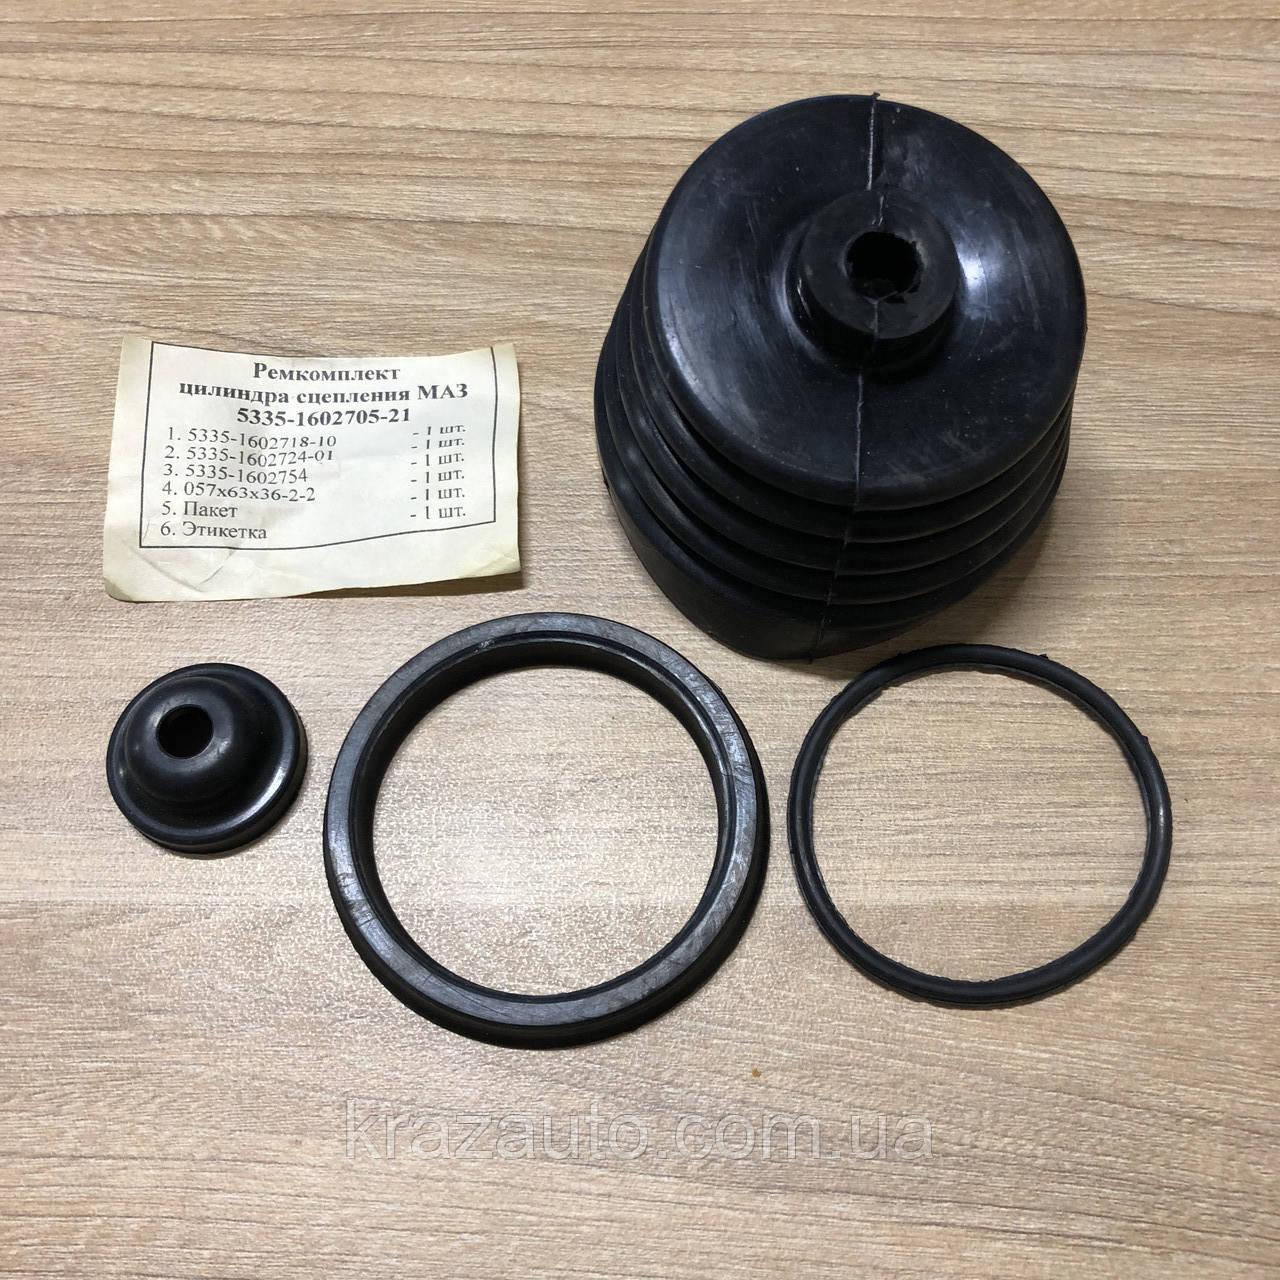 Ремкомплект цилиндра сцепления МАЗ 5335-1602705-21